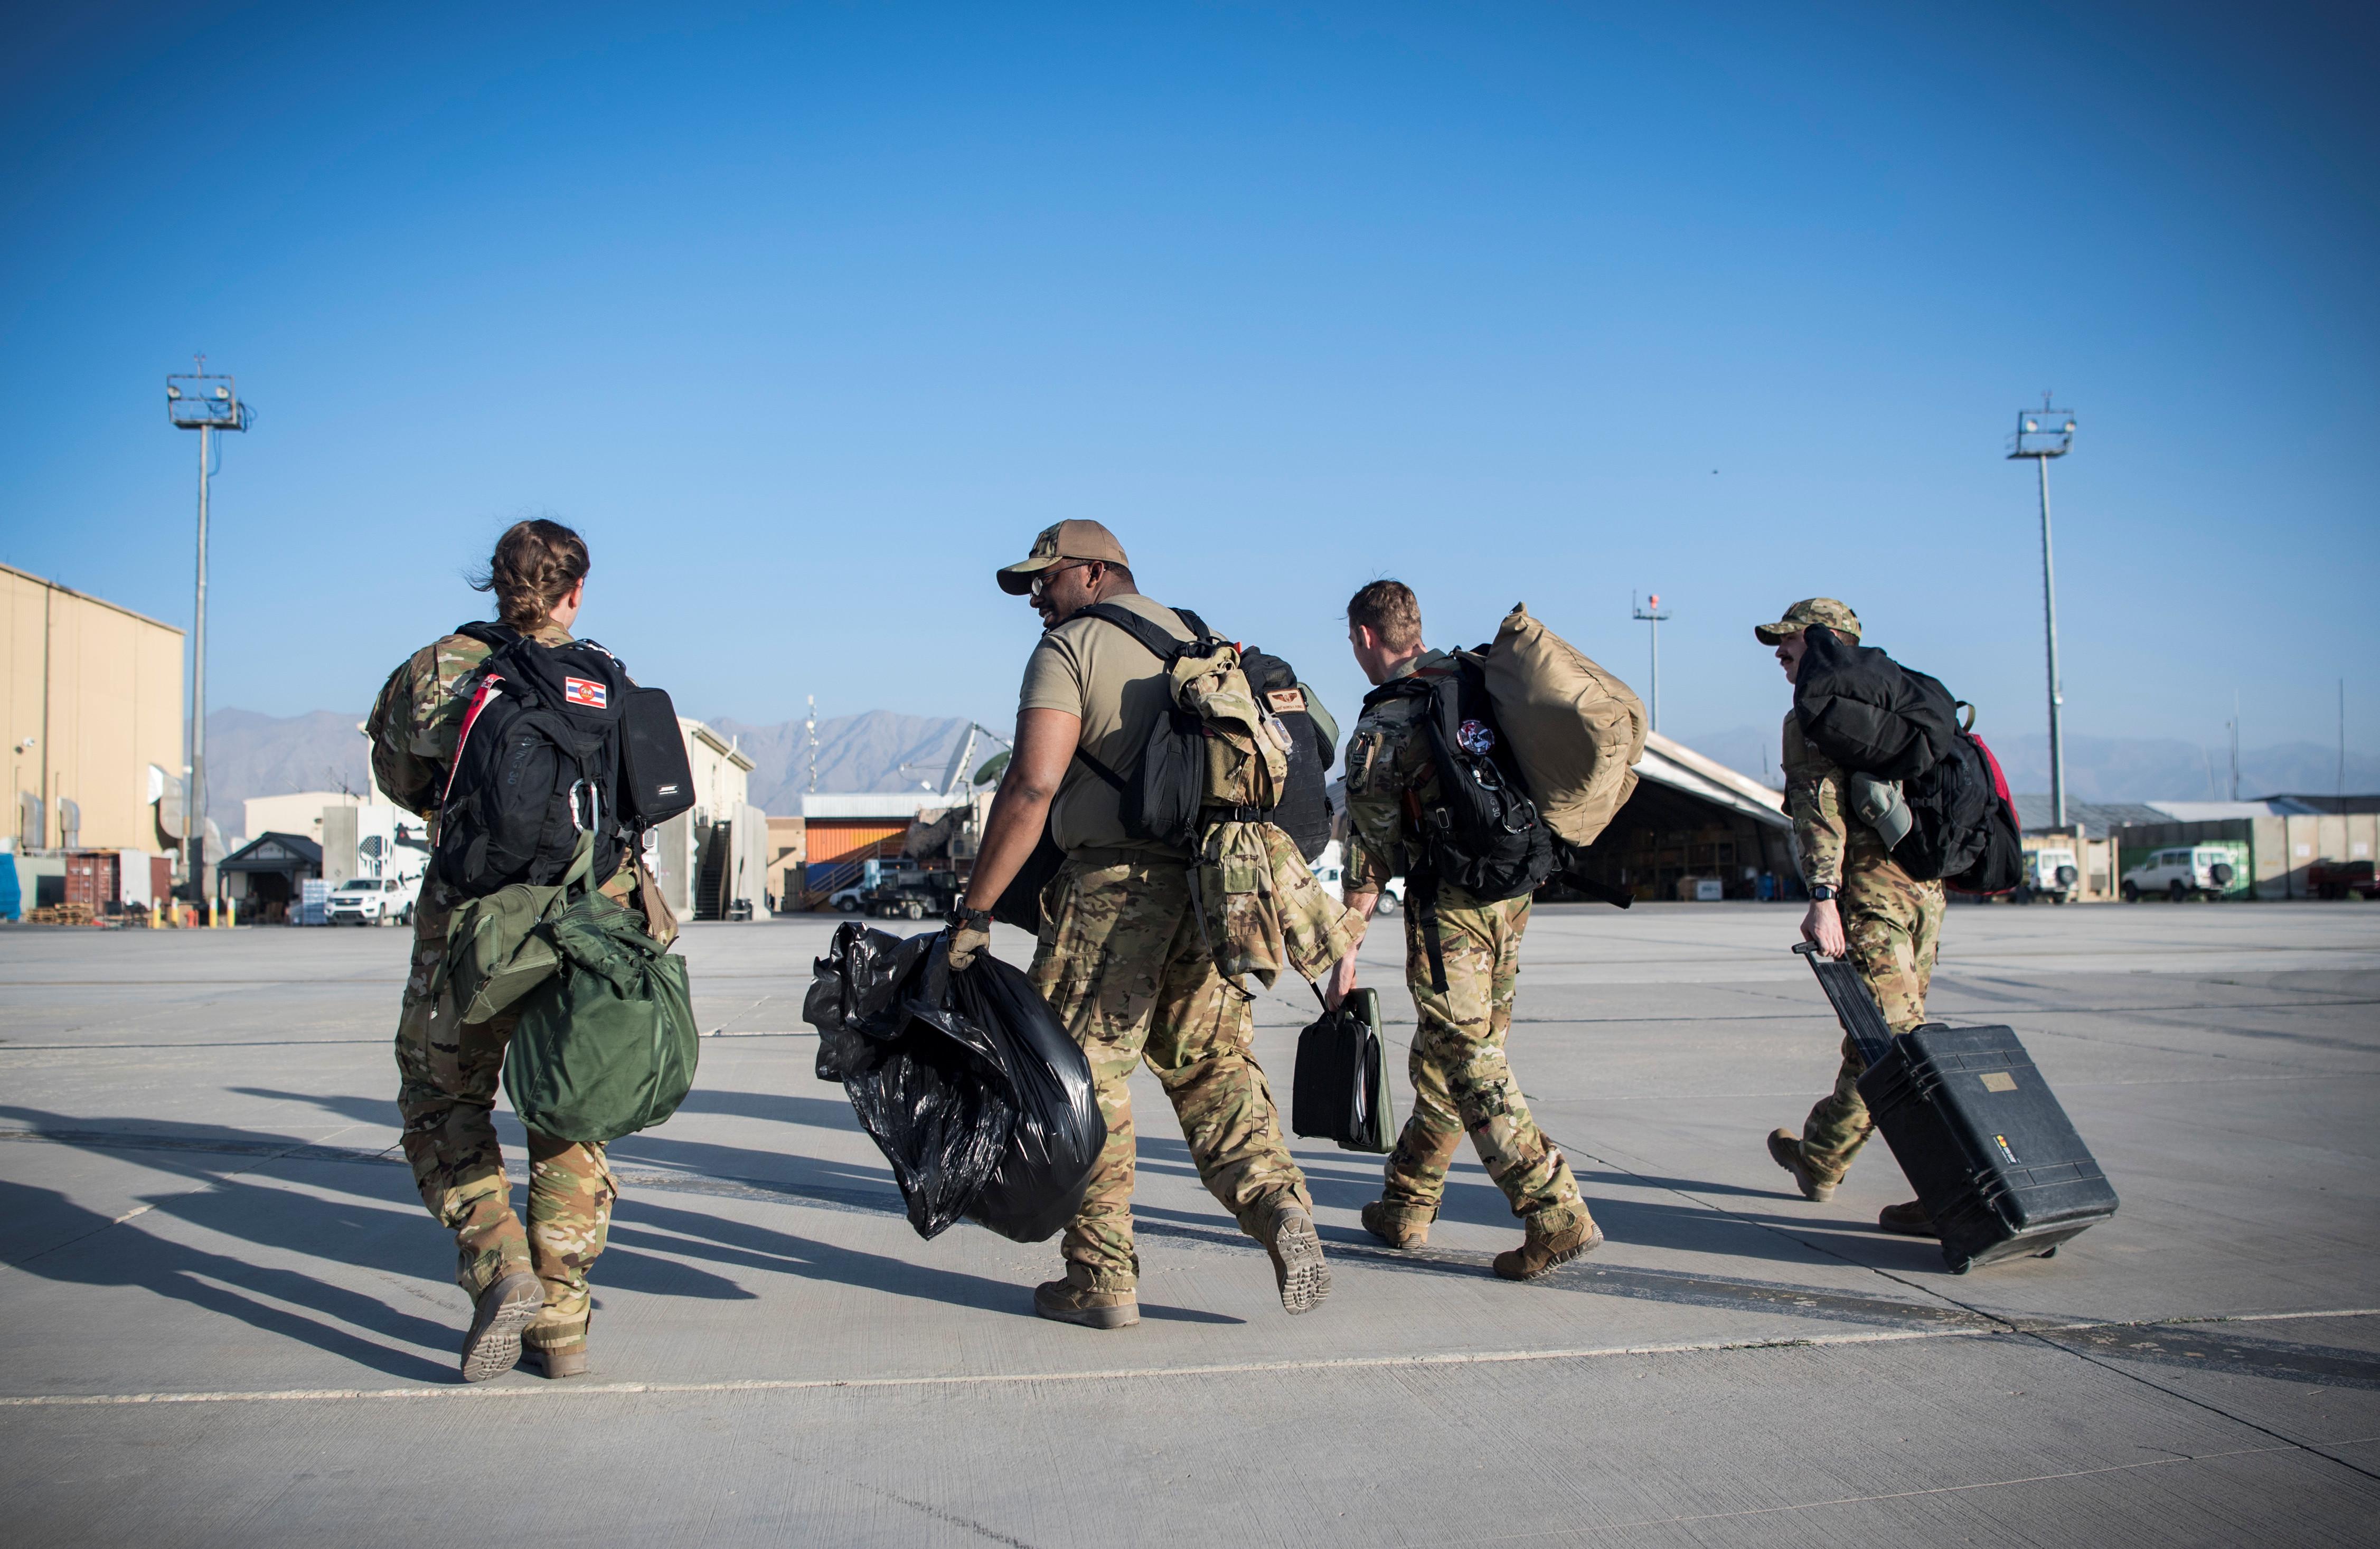 ▲▼美國與塔利班達成協議,準備撤離5400名駐阿富汗美軍。(圖/路透)